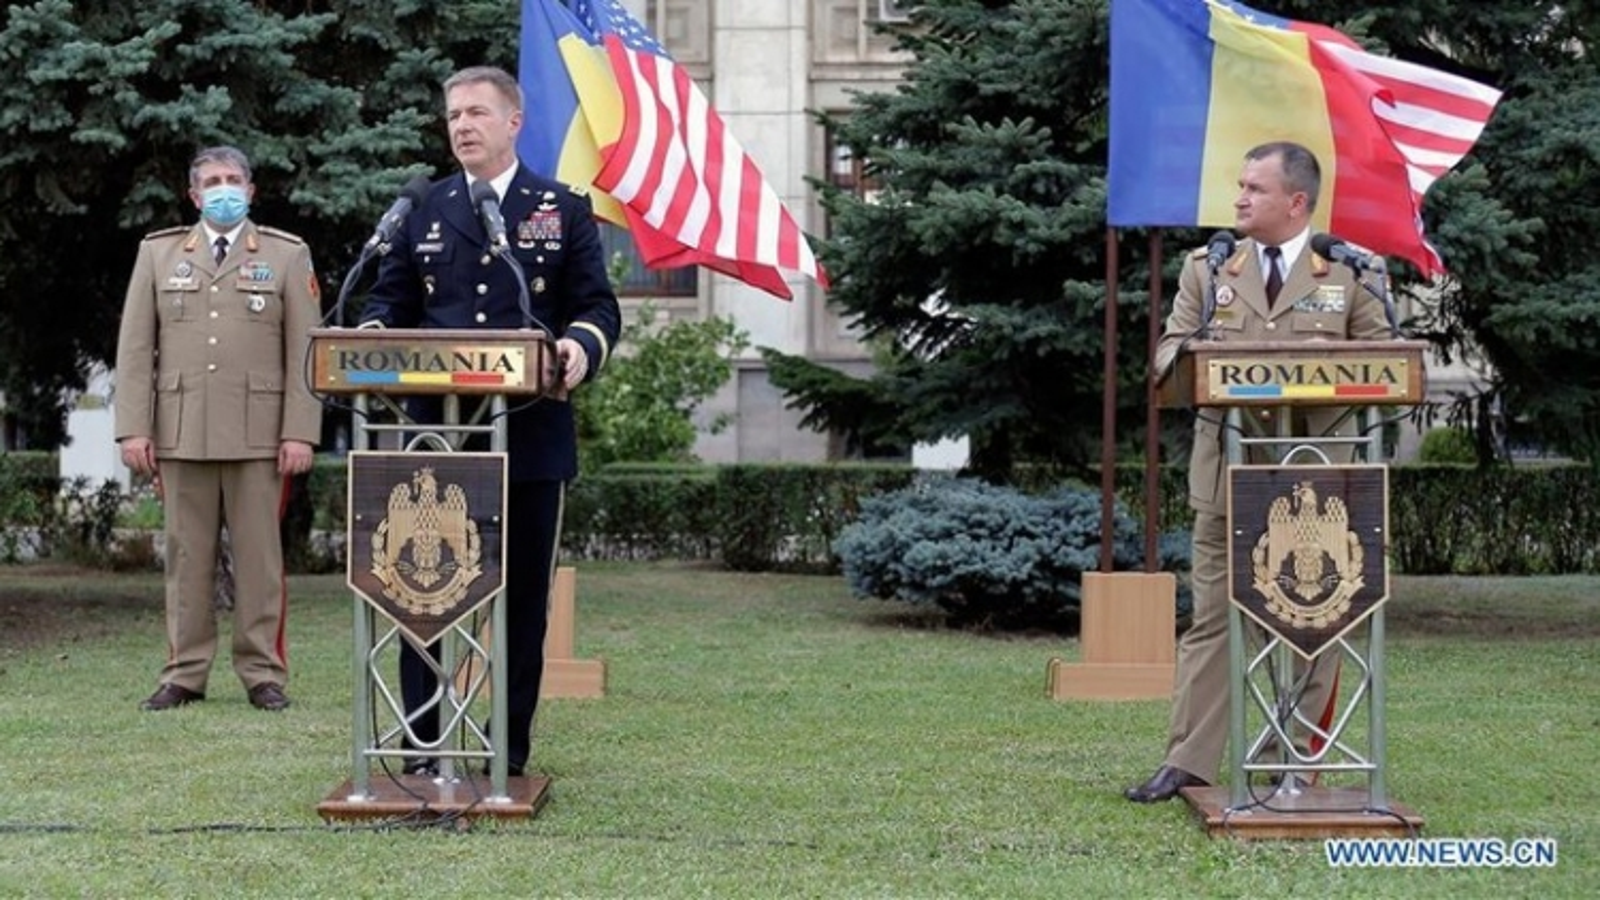 Mỹ và Romania thảo luận về triển khai lính tại Romania